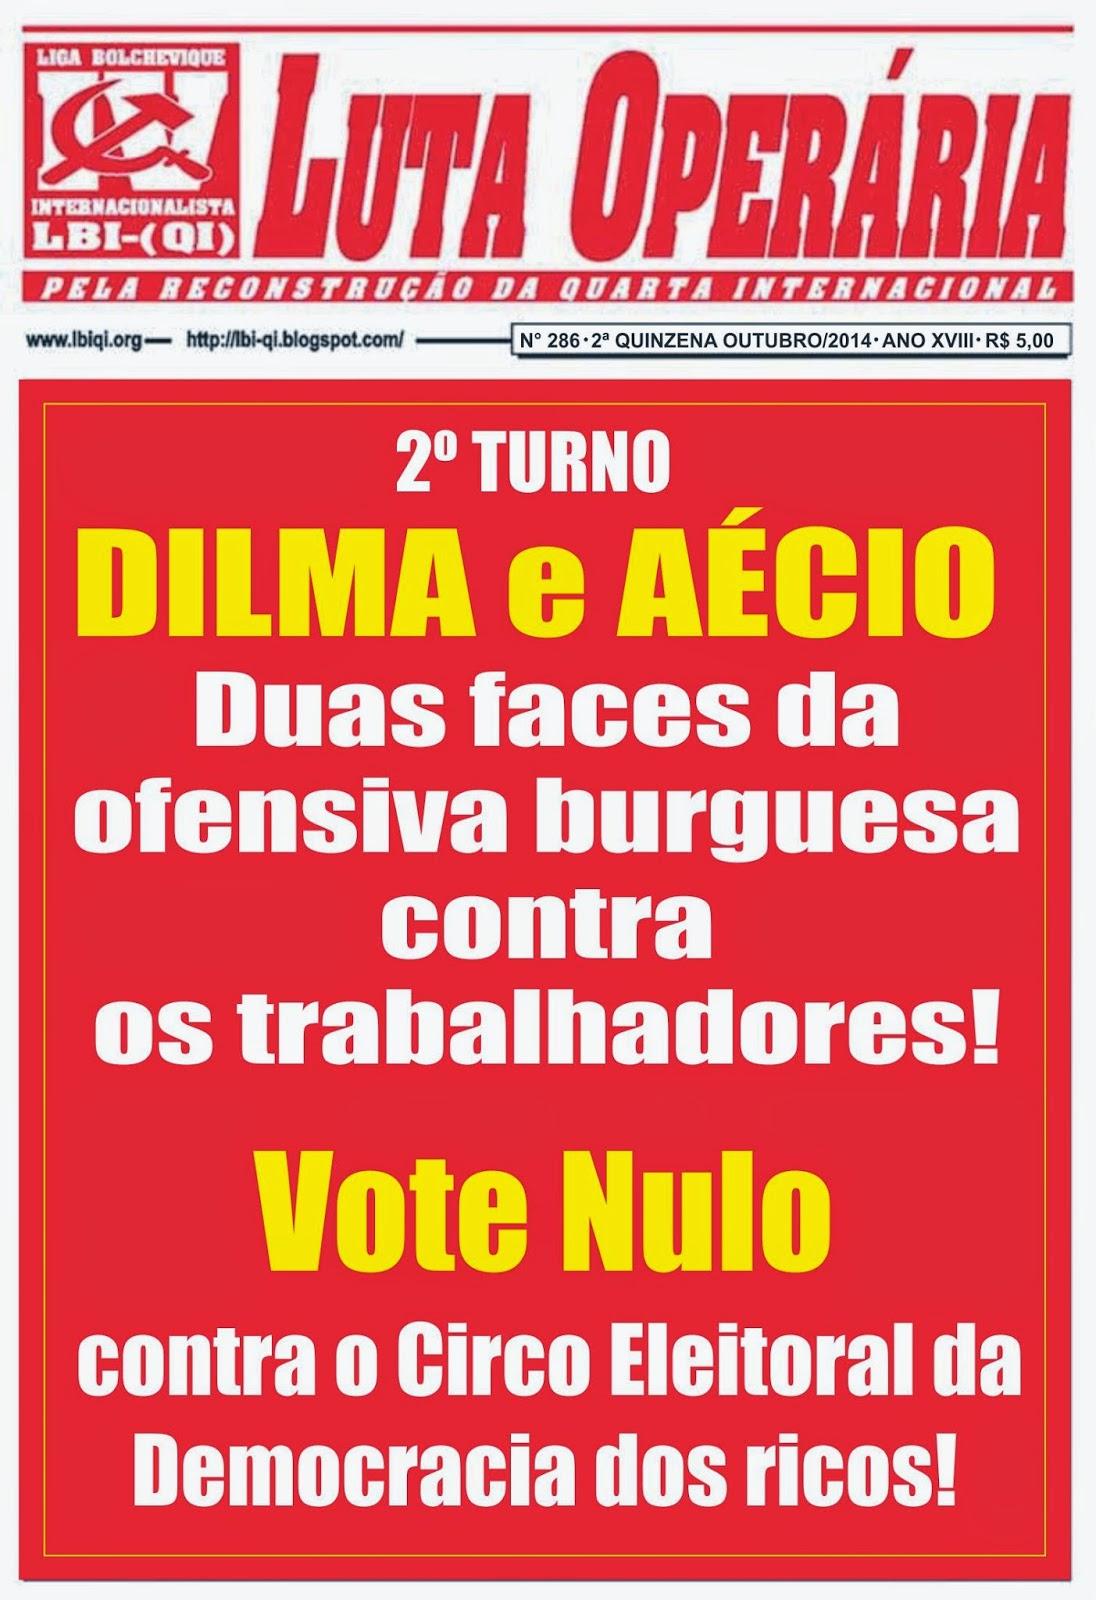 LEIA A EDIÇÃO DO JORNAL LUTA OPERÁRIA Nº 286, 2ª QUINZENA DE OUTUBRO/2014